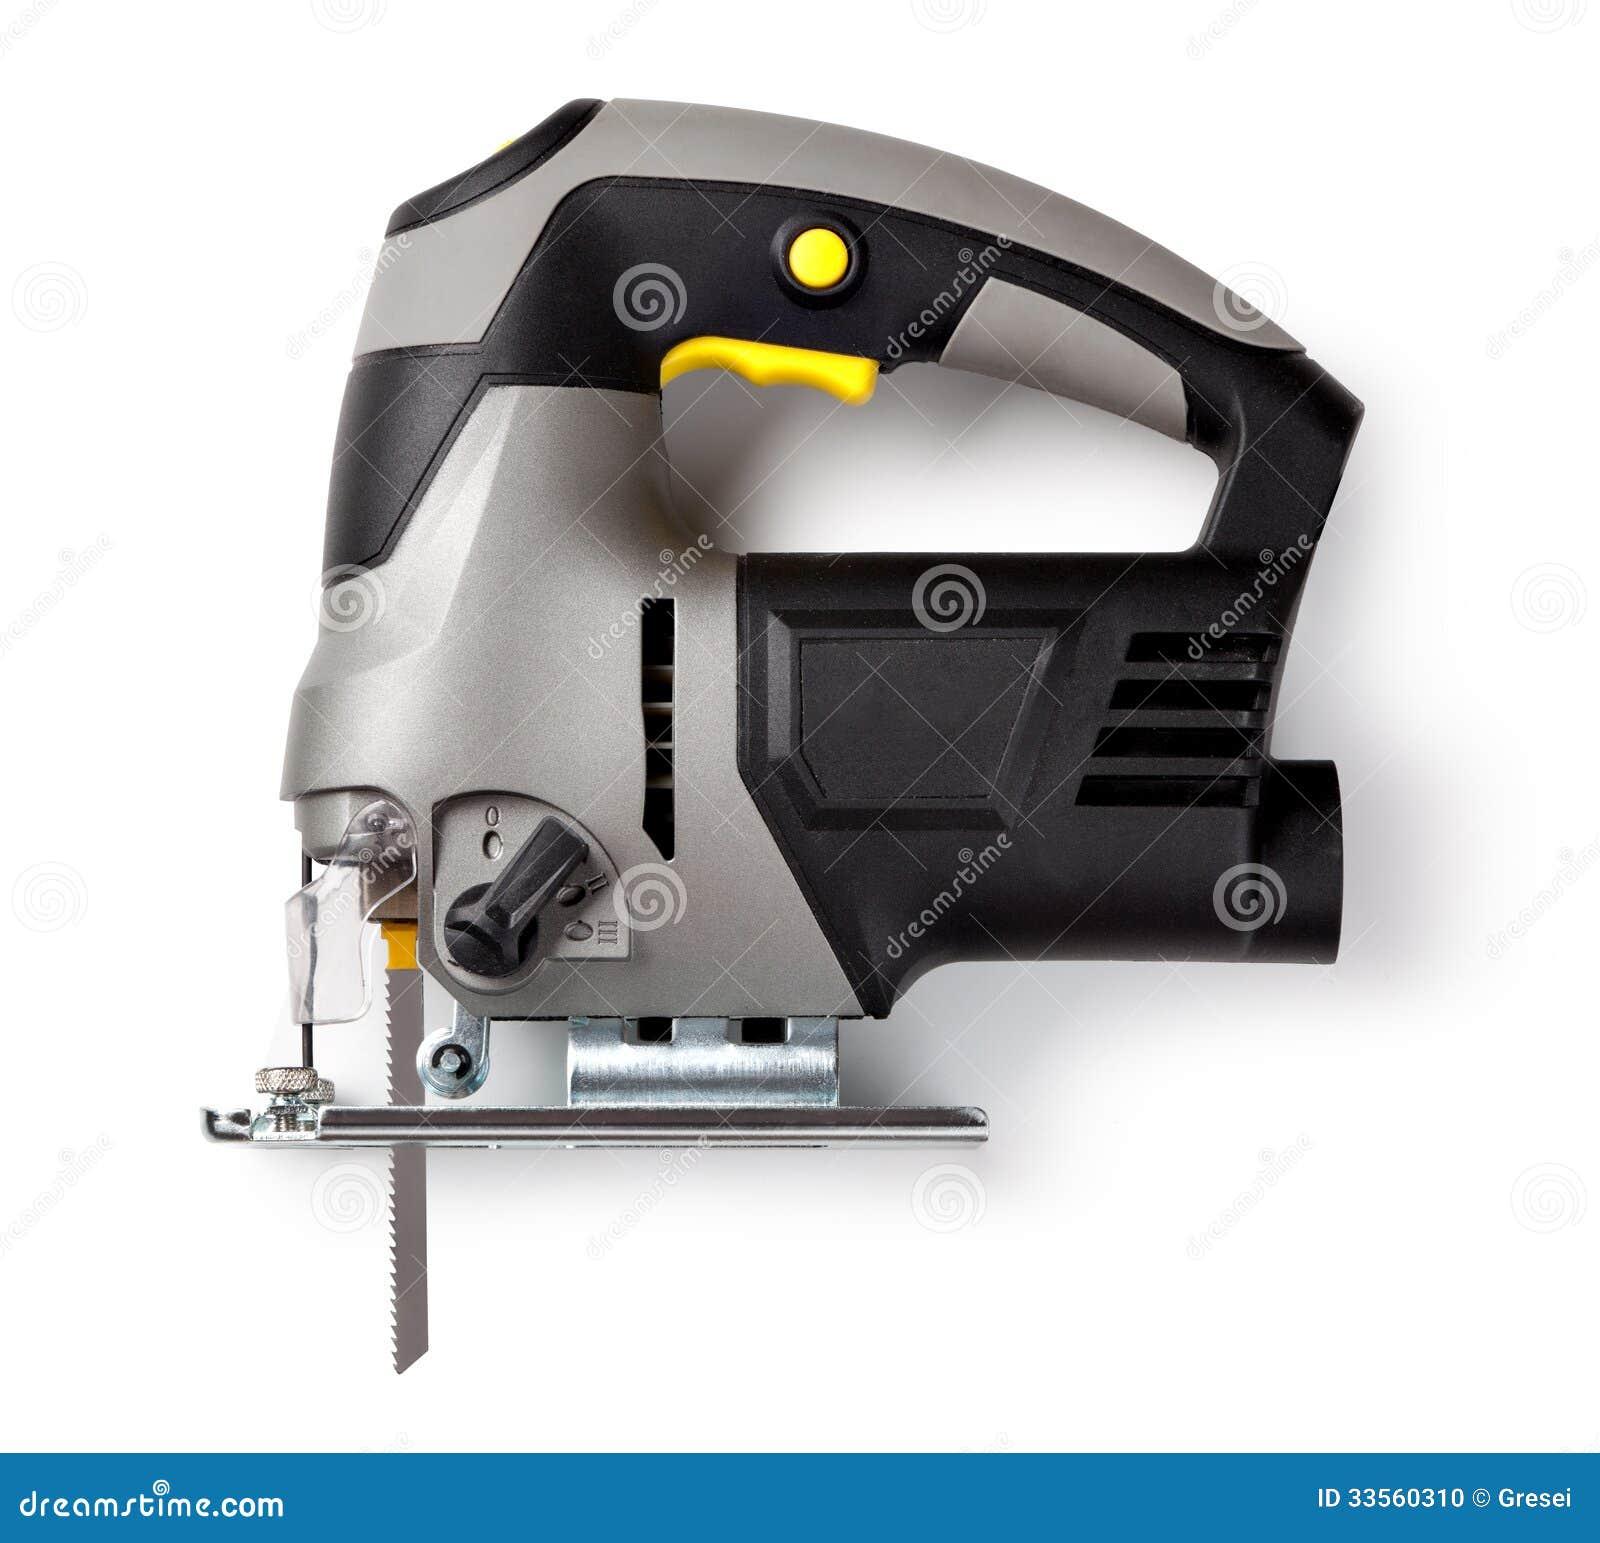 elektrische laubsäge stockfoto. bild von elektrisch, gebäude - 33560310